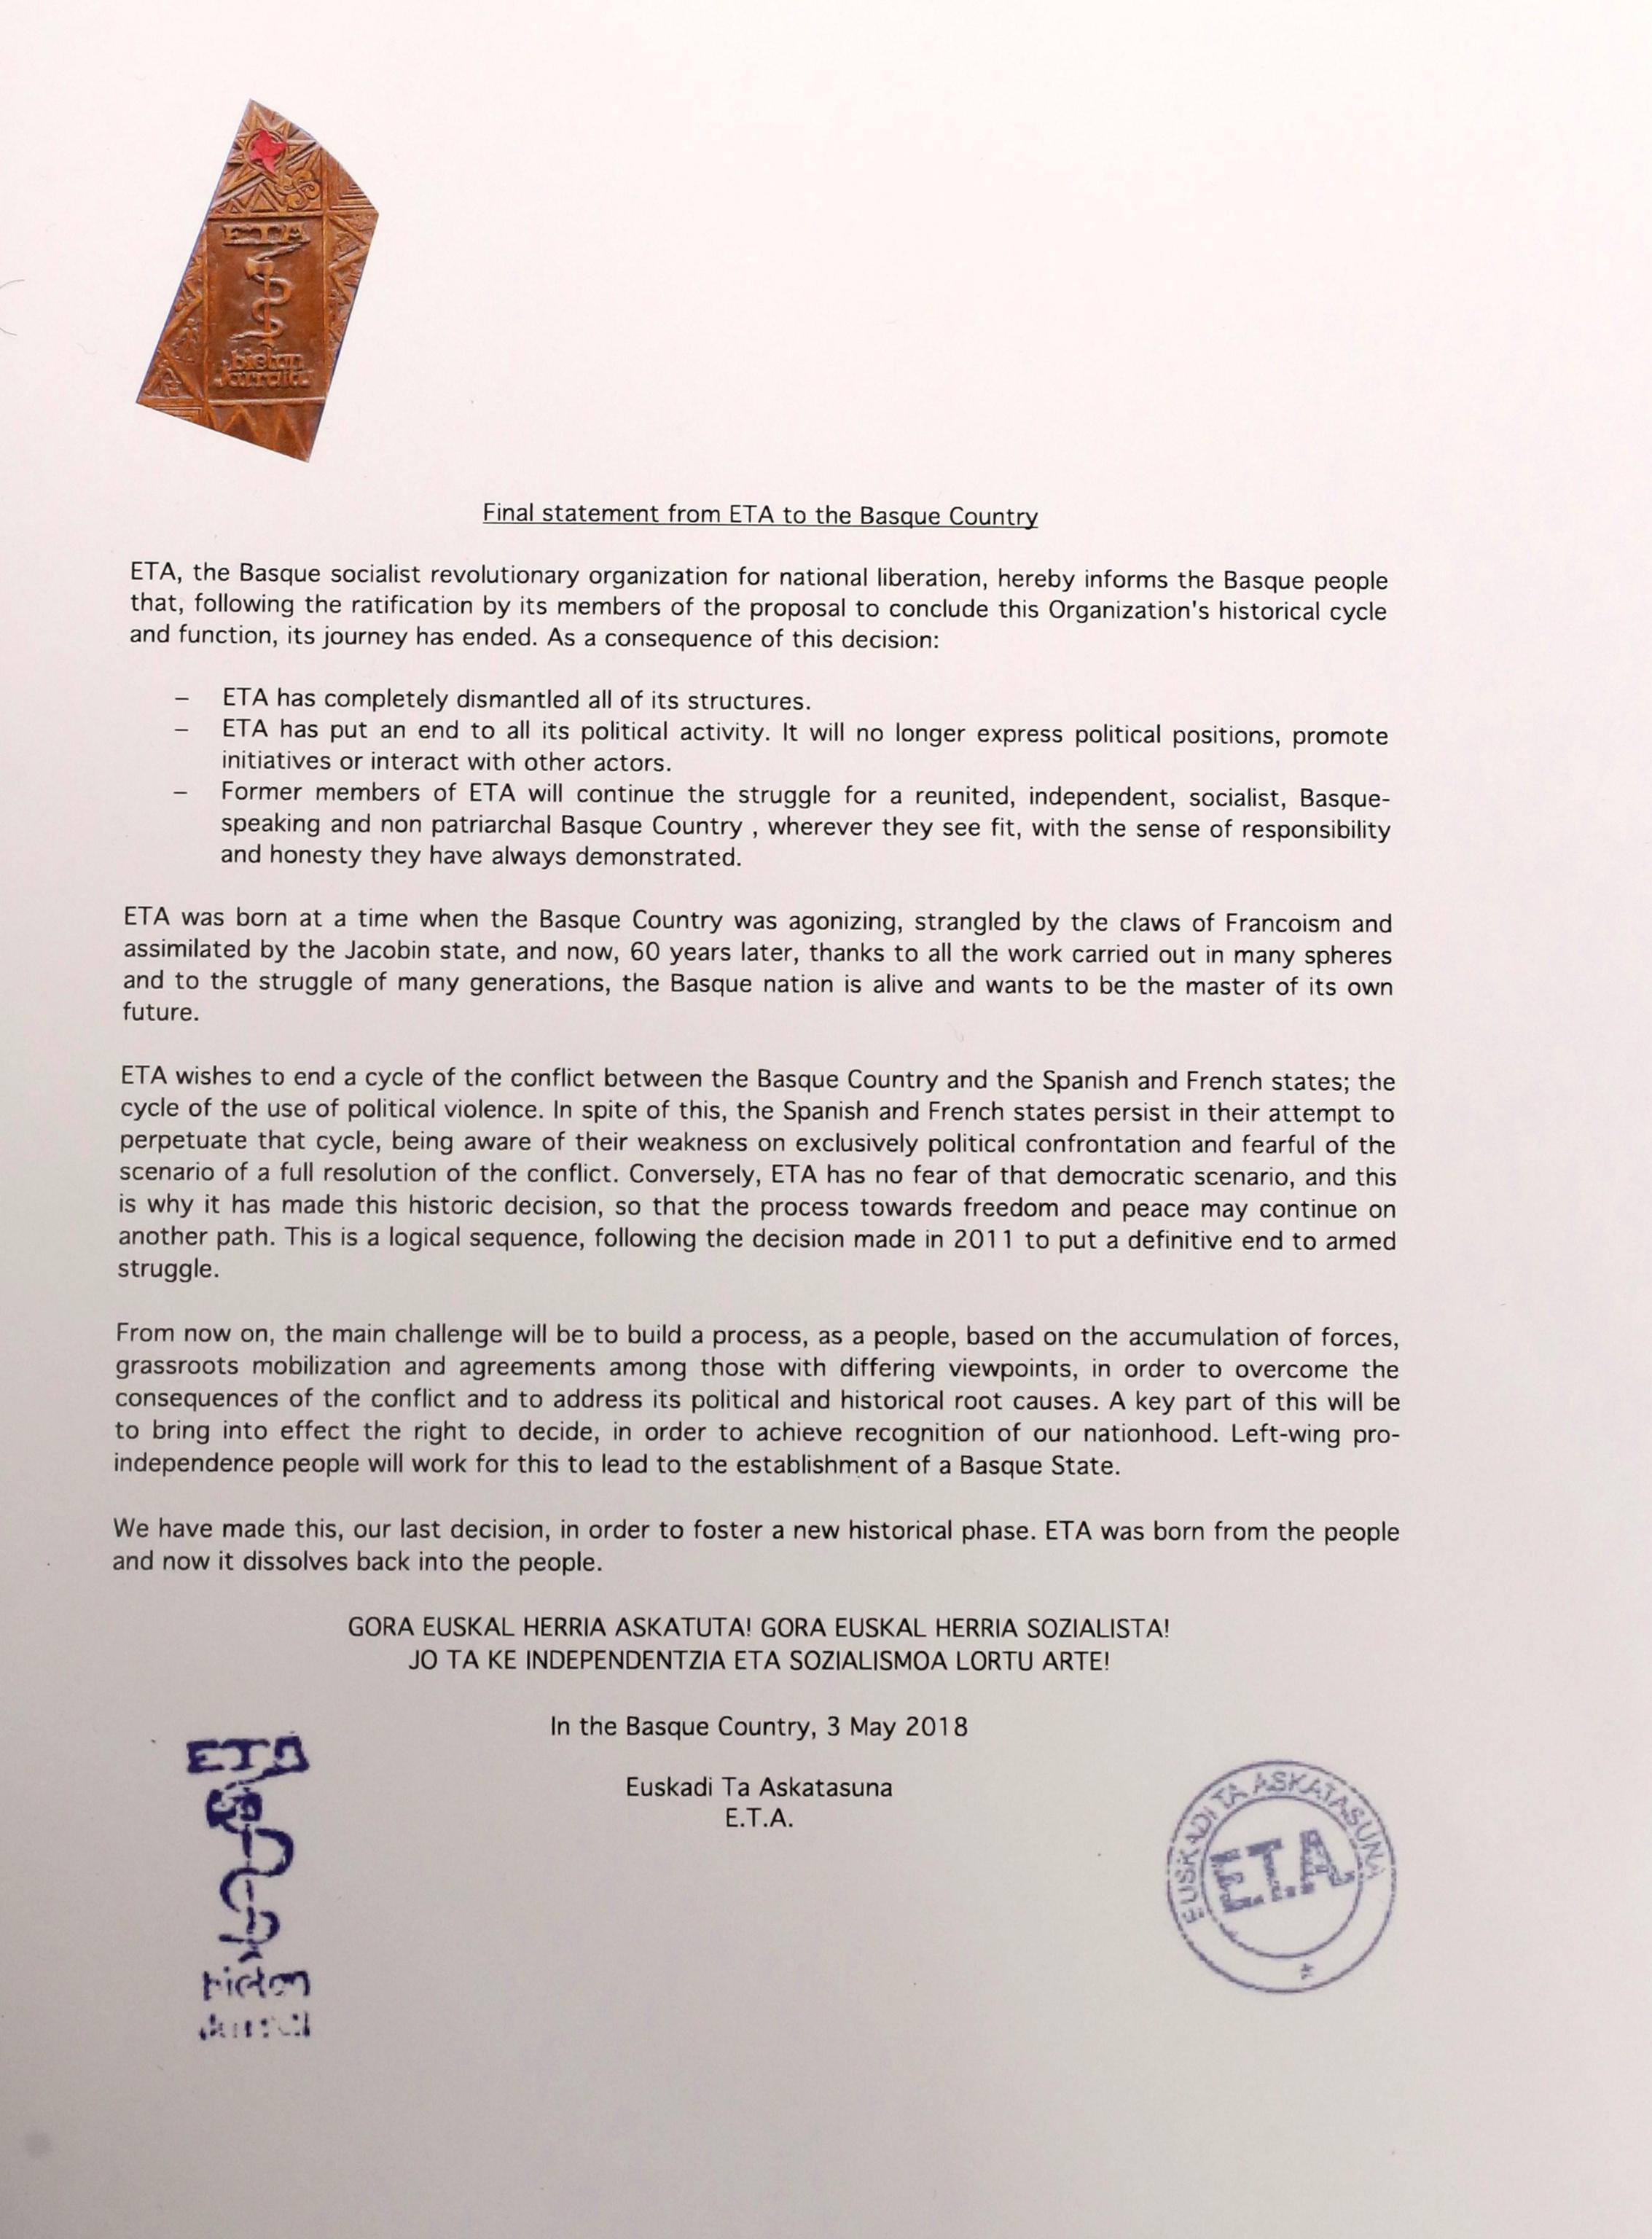 La lettera inviata ai media spagnoli il 3 maggio con la dichiarazione 'finale' dello scioglimento dell'Eta (Ansa)